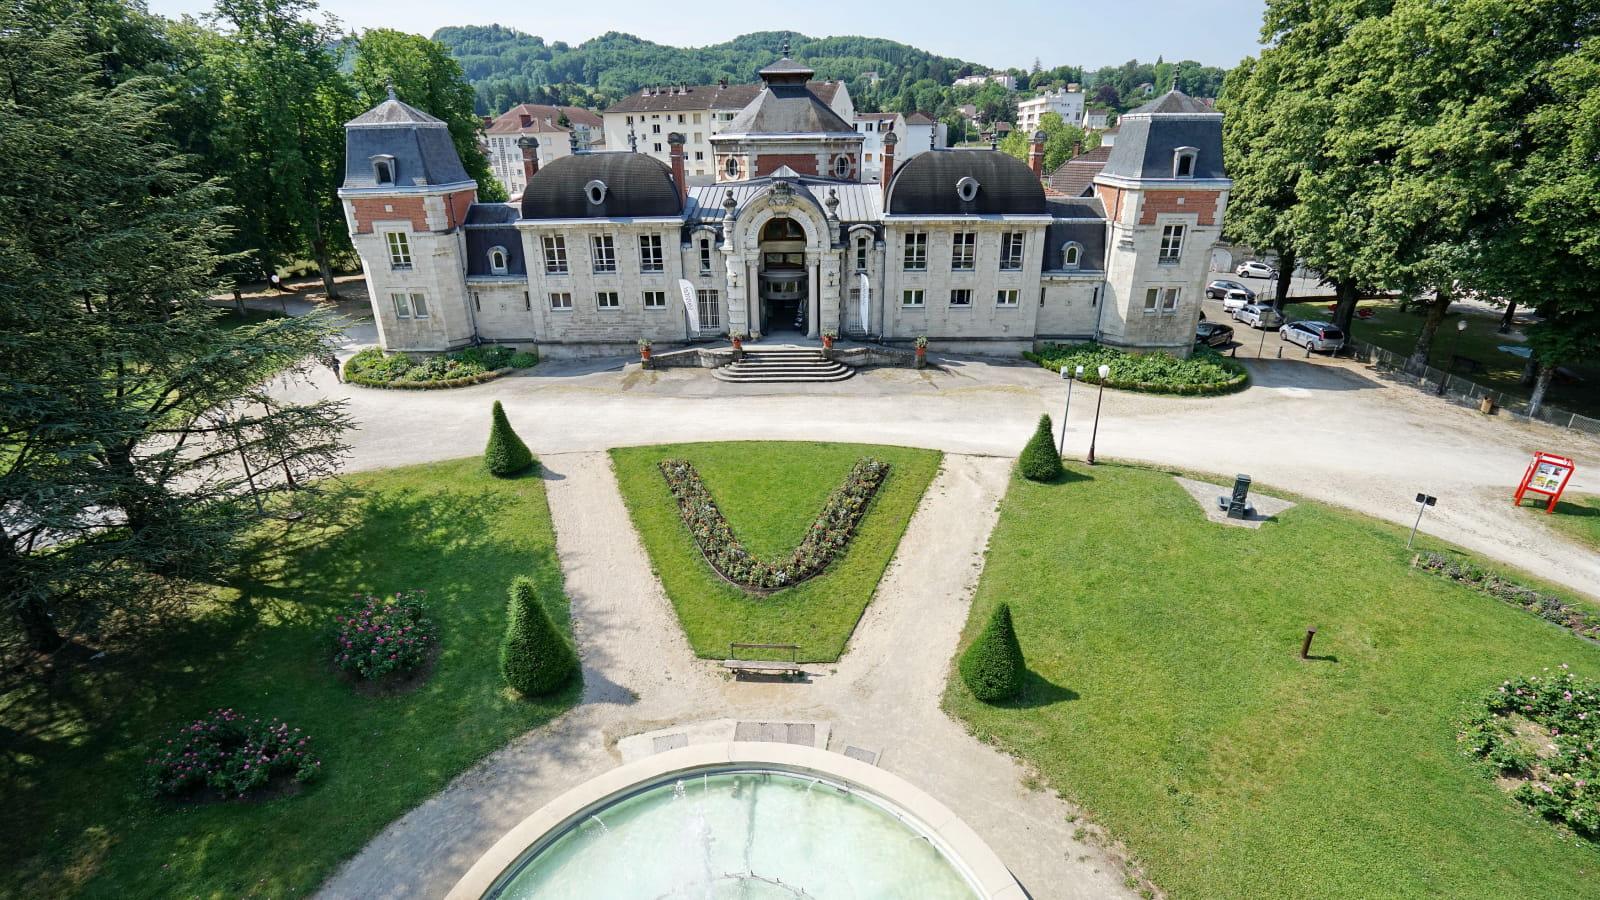 Visiter Lons-le-Saunier et ses thermes dans le Jura